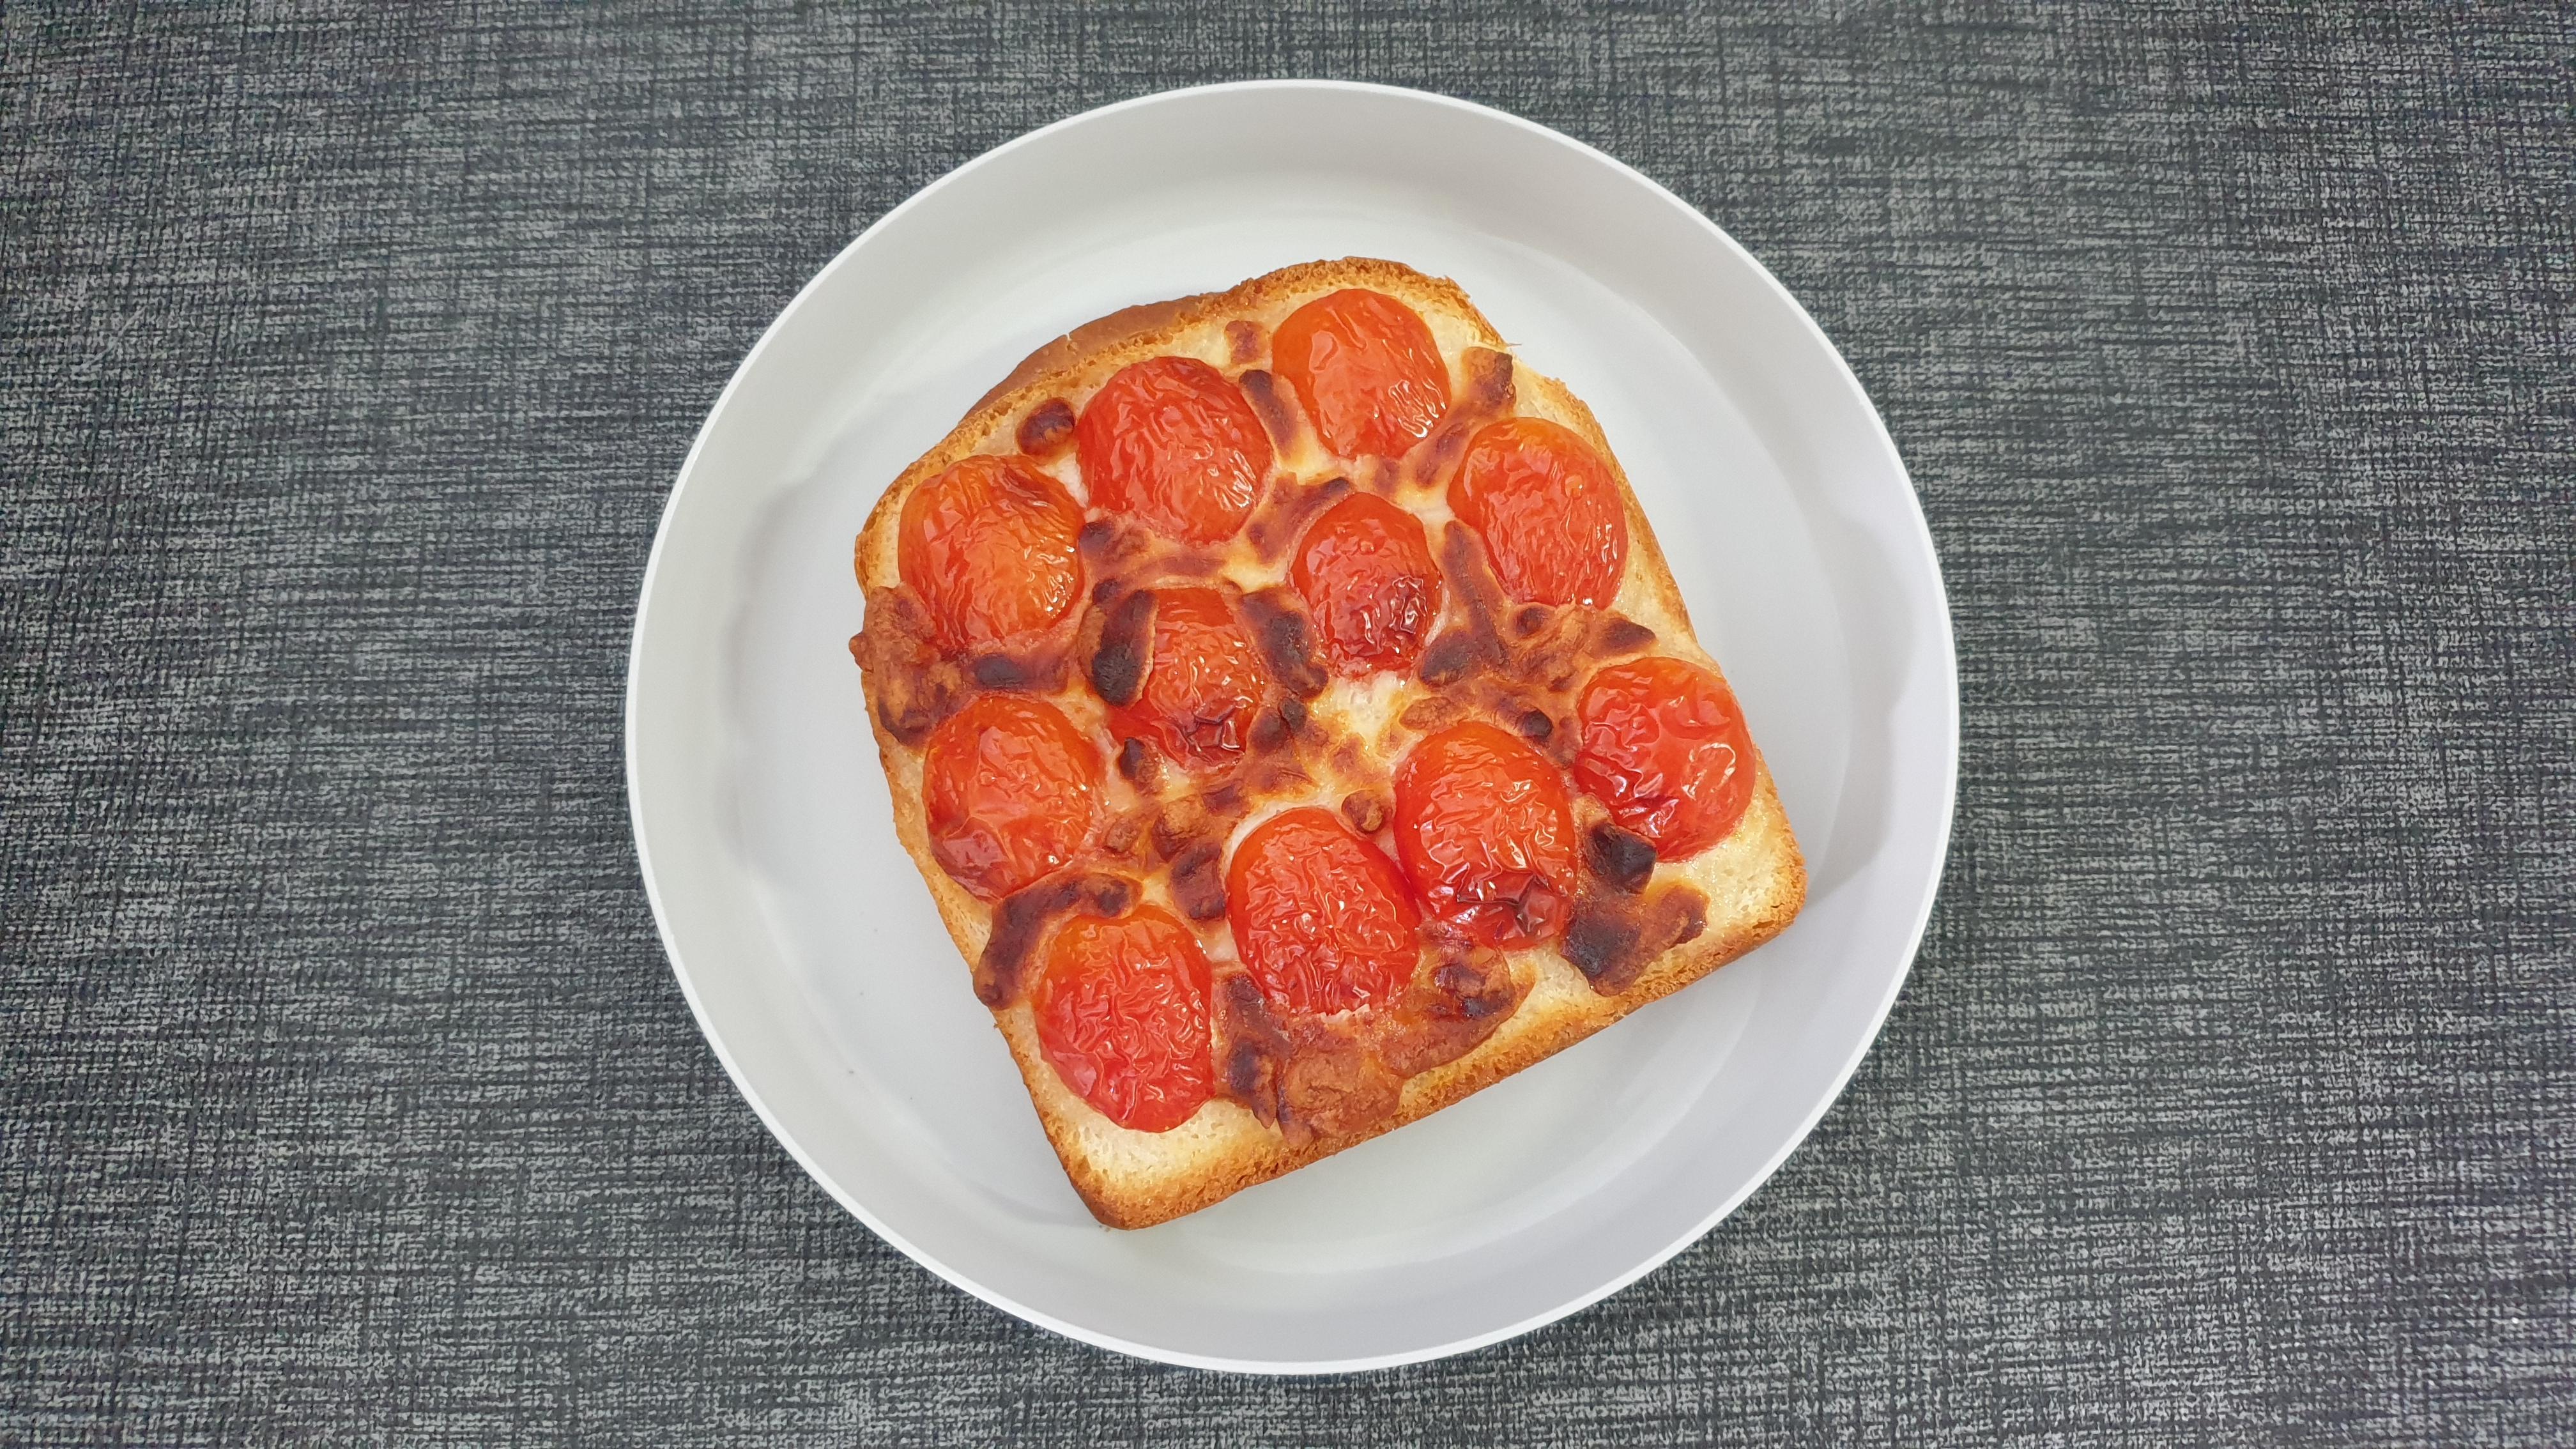 에어프라이어 방울토마토 토스트